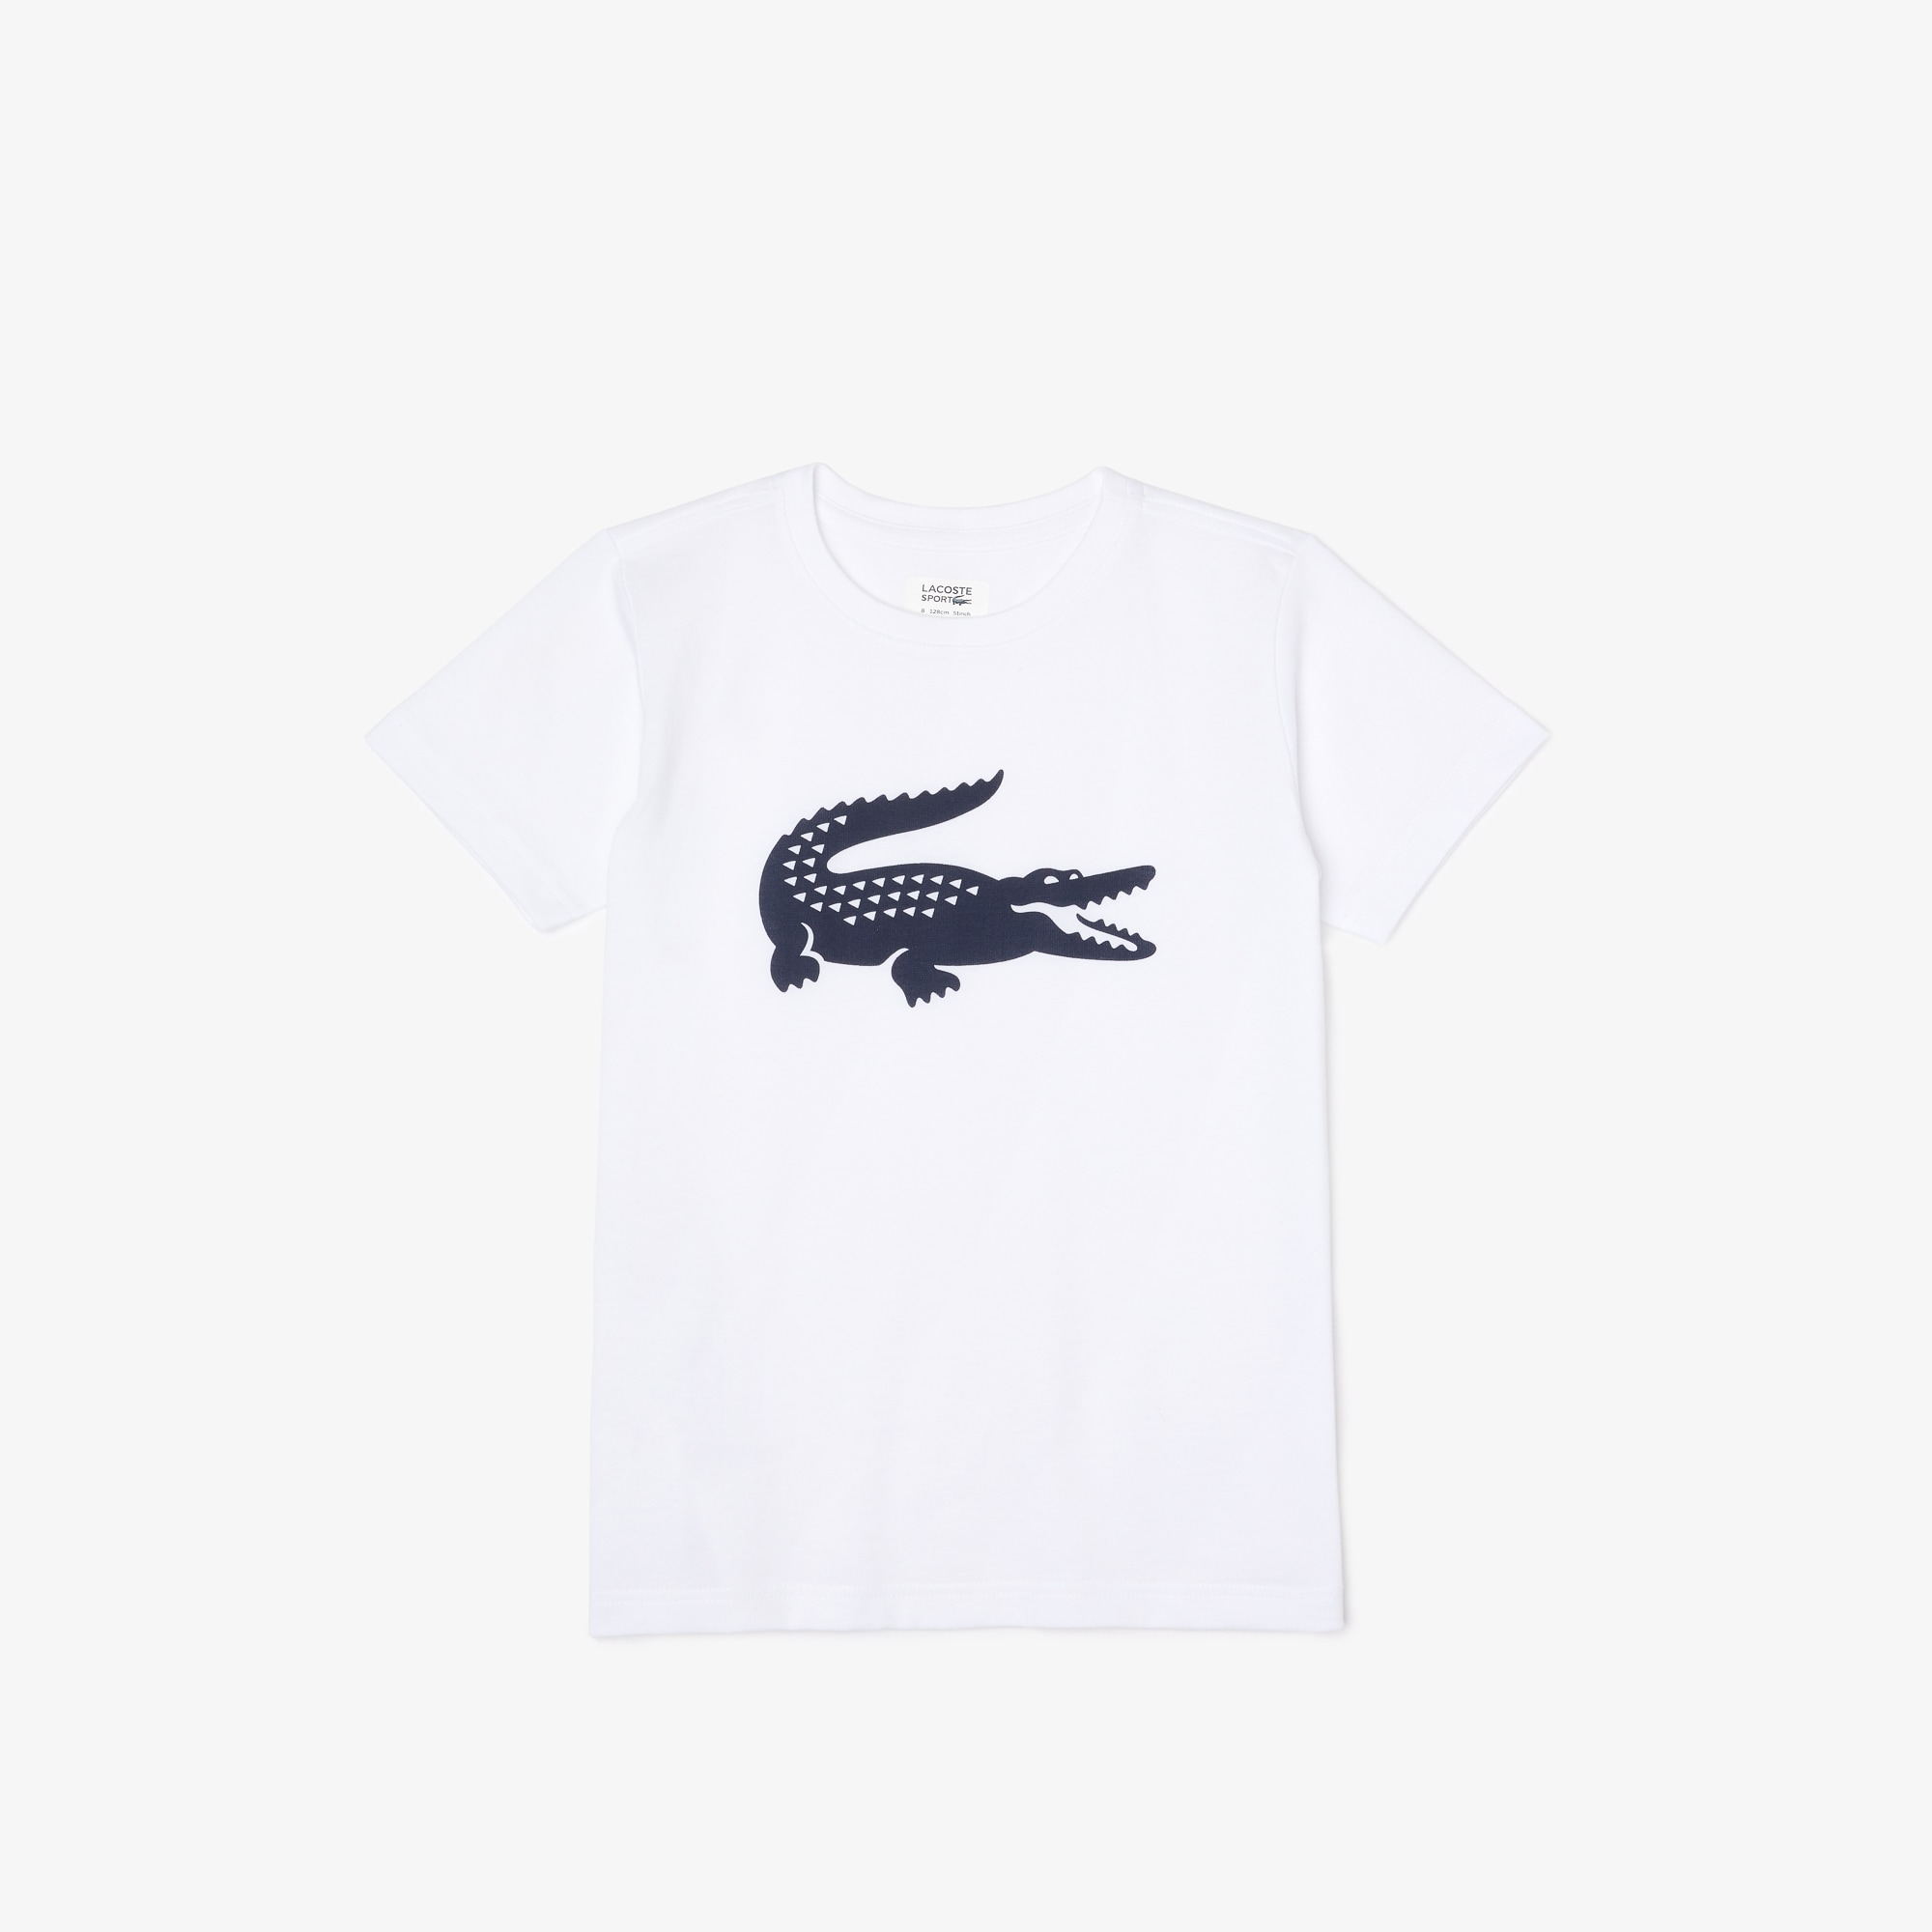 Camiseta de niño de tejido de punto técnico con gran cocodrilo Lacoste SPORT Tennis